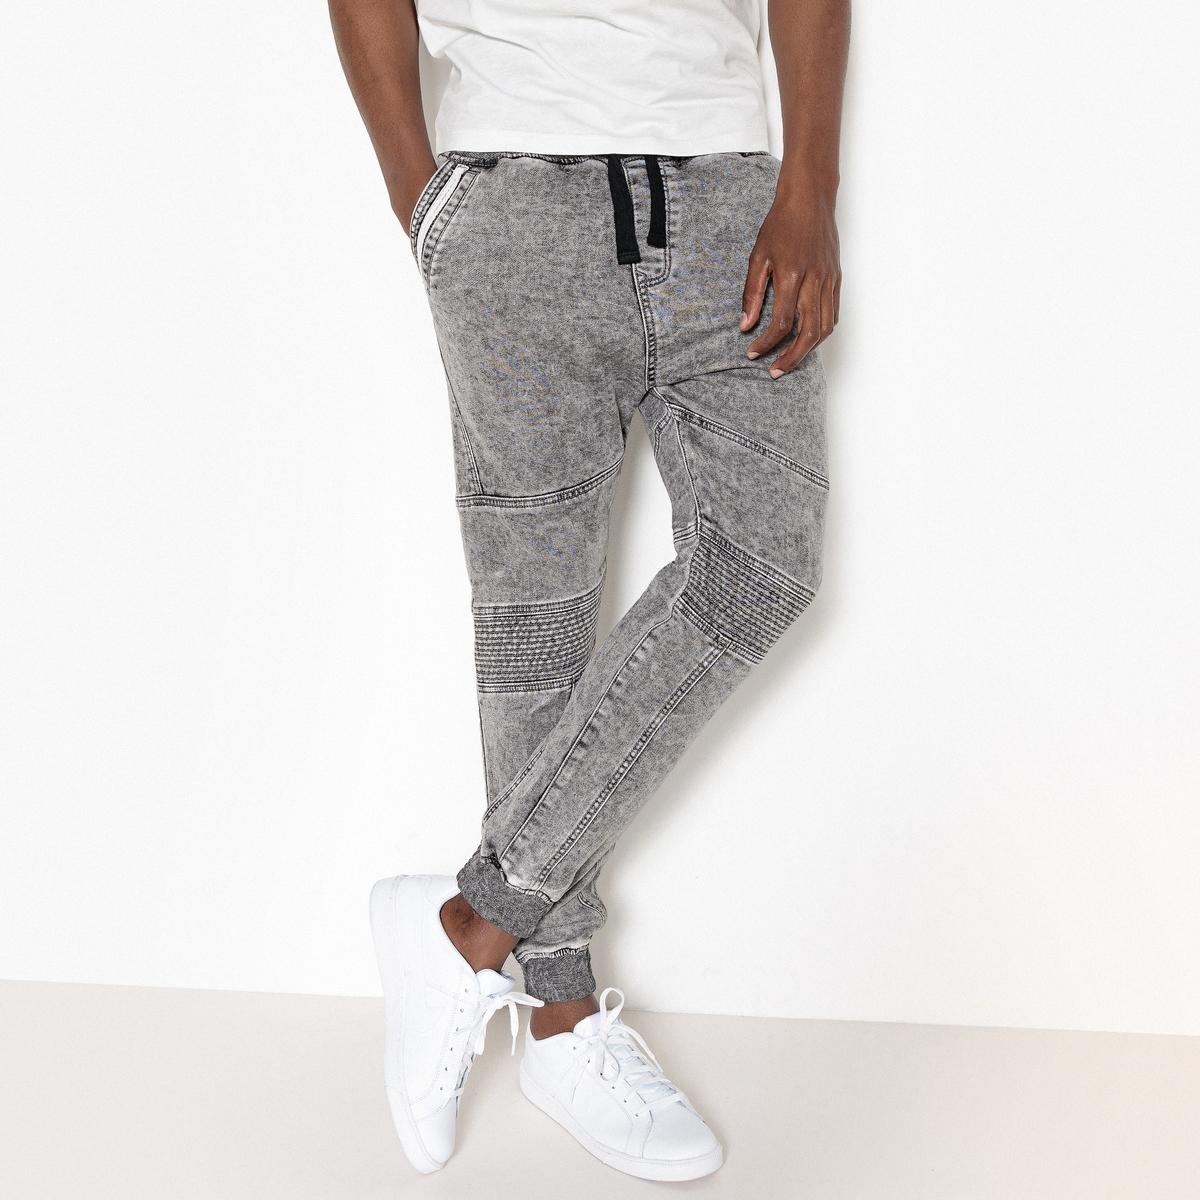 Брюки в спортивном стиле из мольтона брюки из мольтона узкие